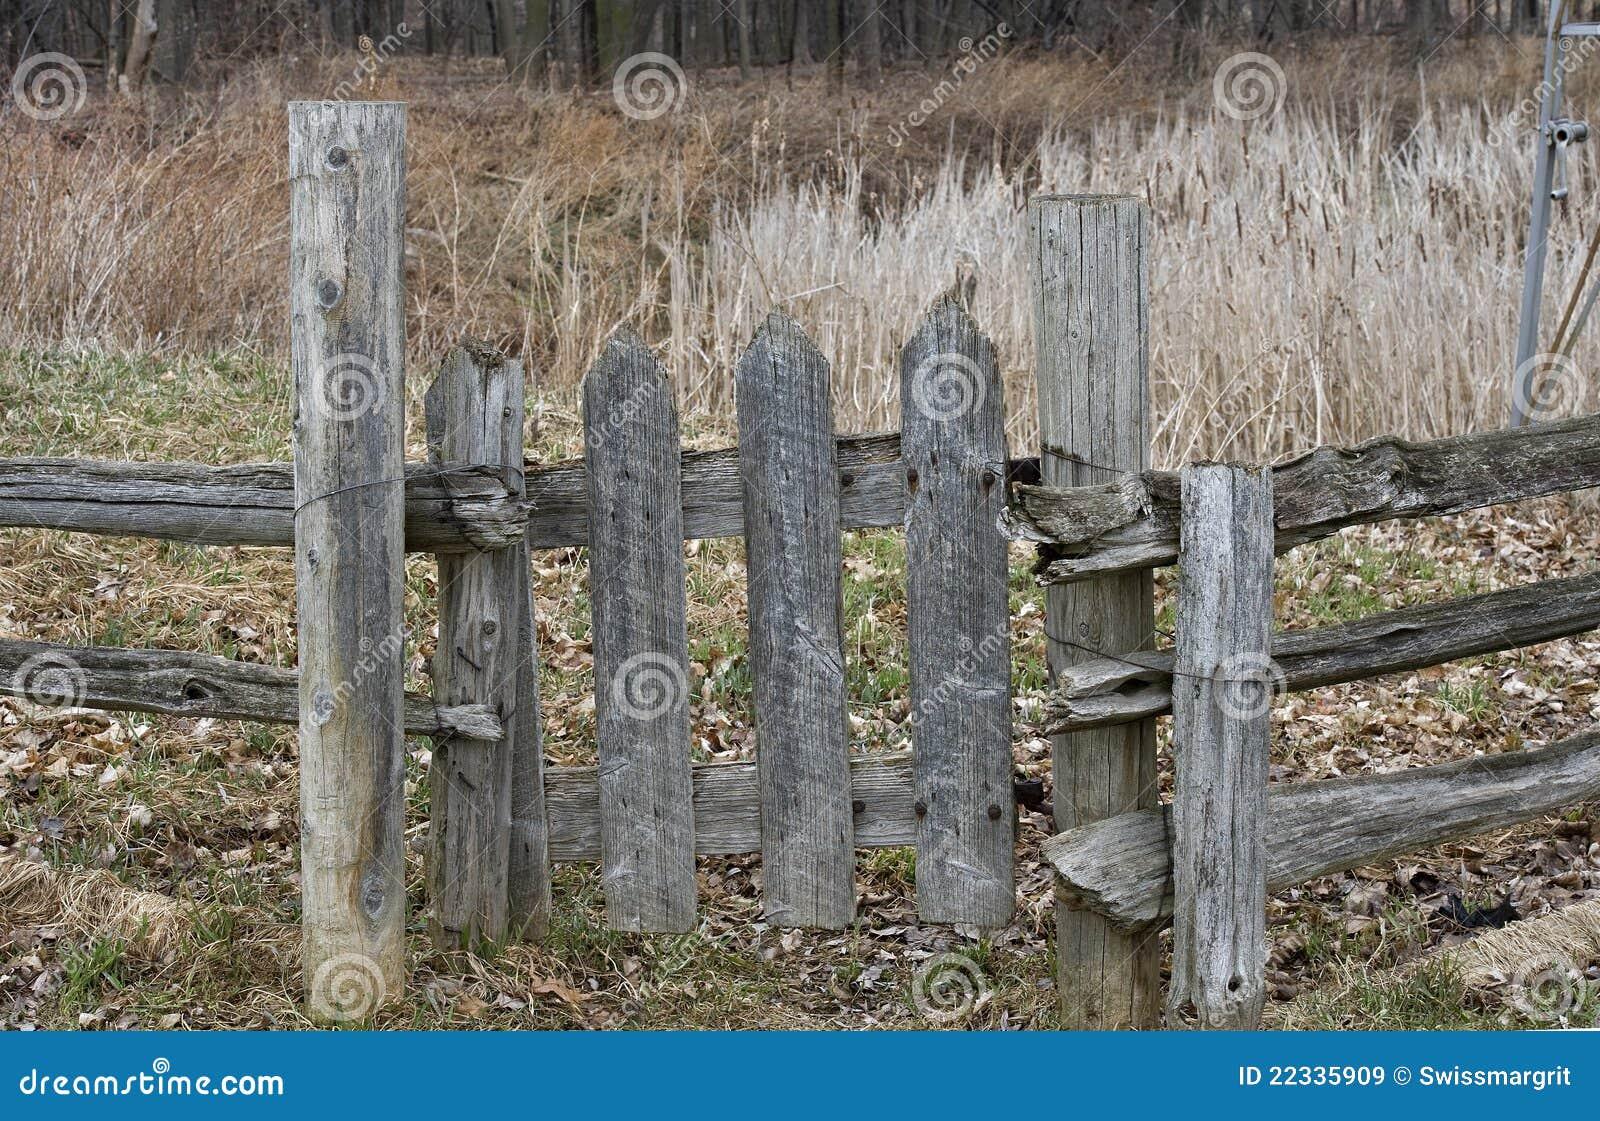 Cancello Di Legno Usato : Vecchio cancello di legno immagine stock immagine di podere